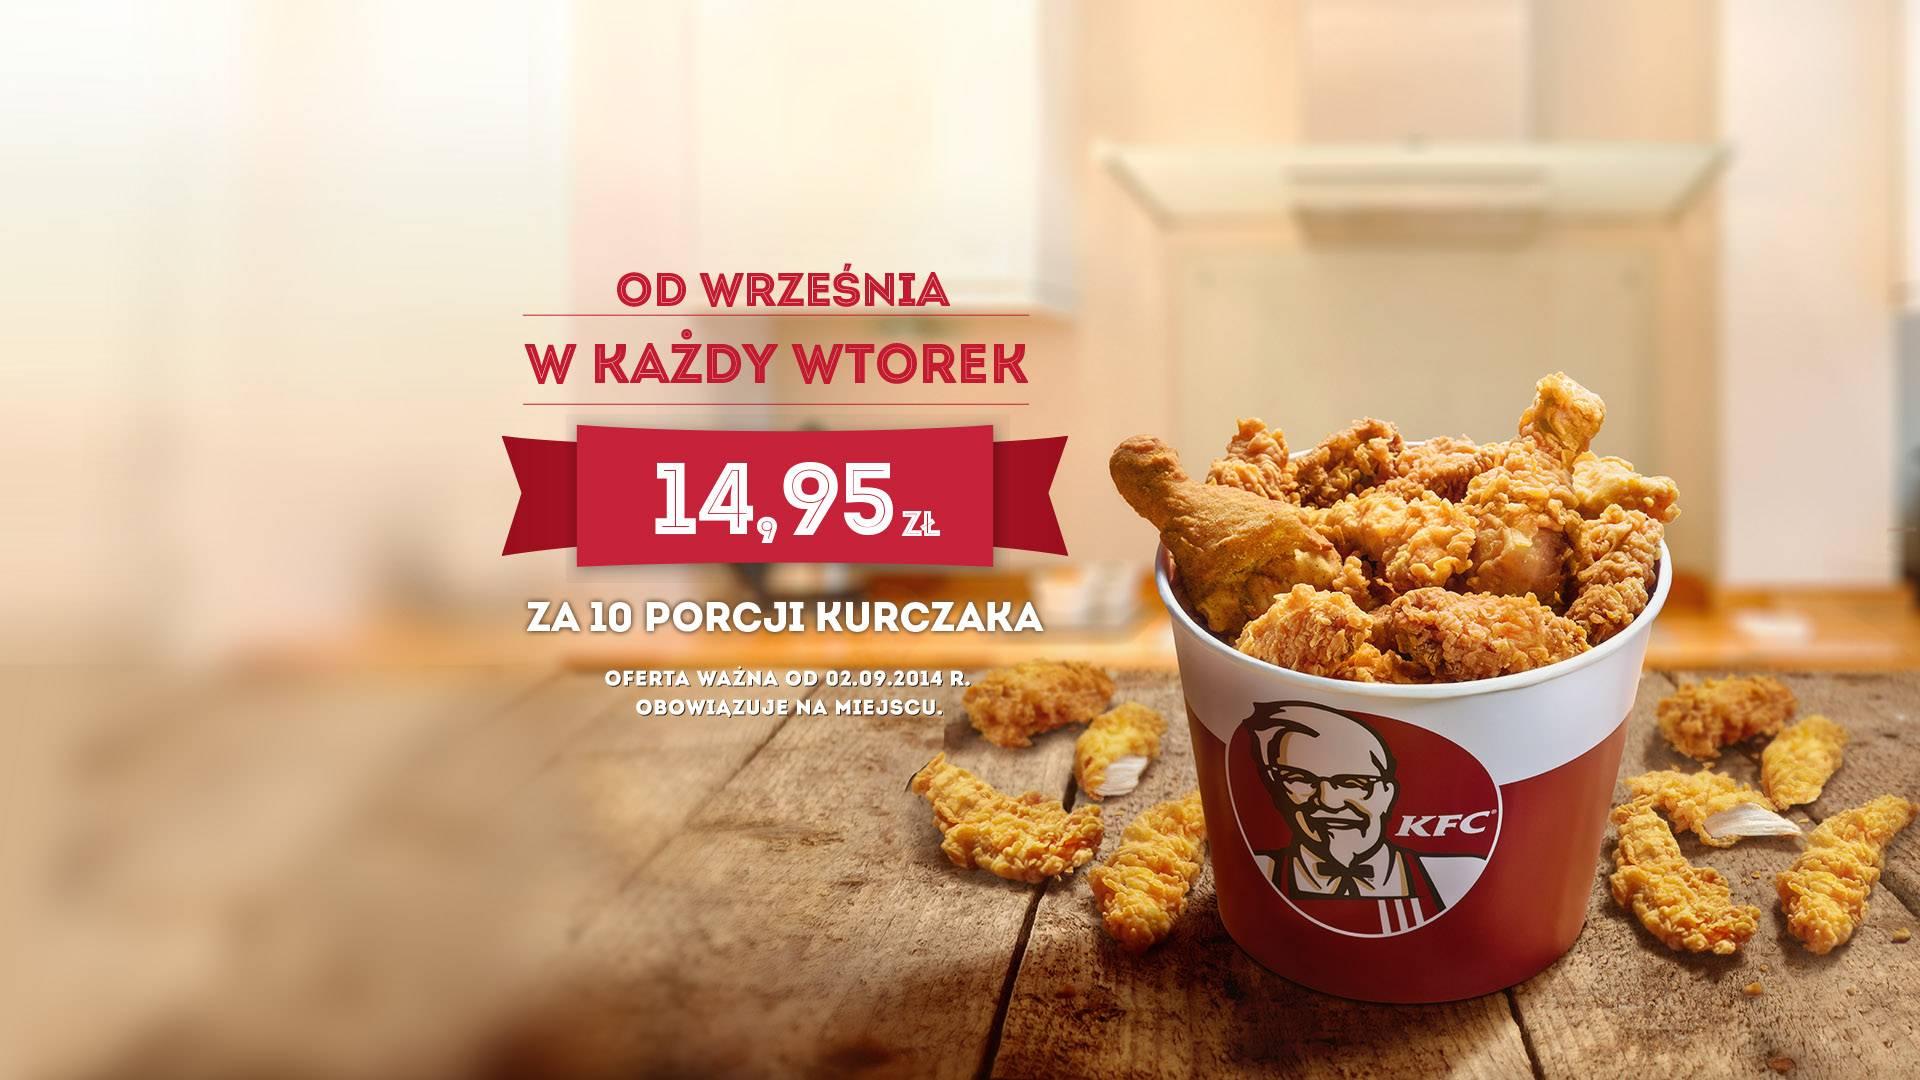 10 kurczaków w każdy wtorek za 14,95 zł @ KFC